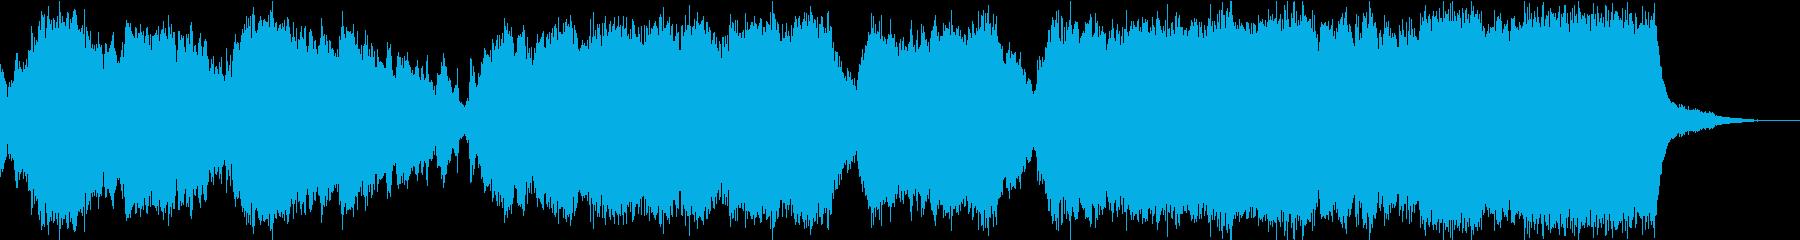 【生録音】ドリルの音 1 歯医者 工事の再生済みの波形